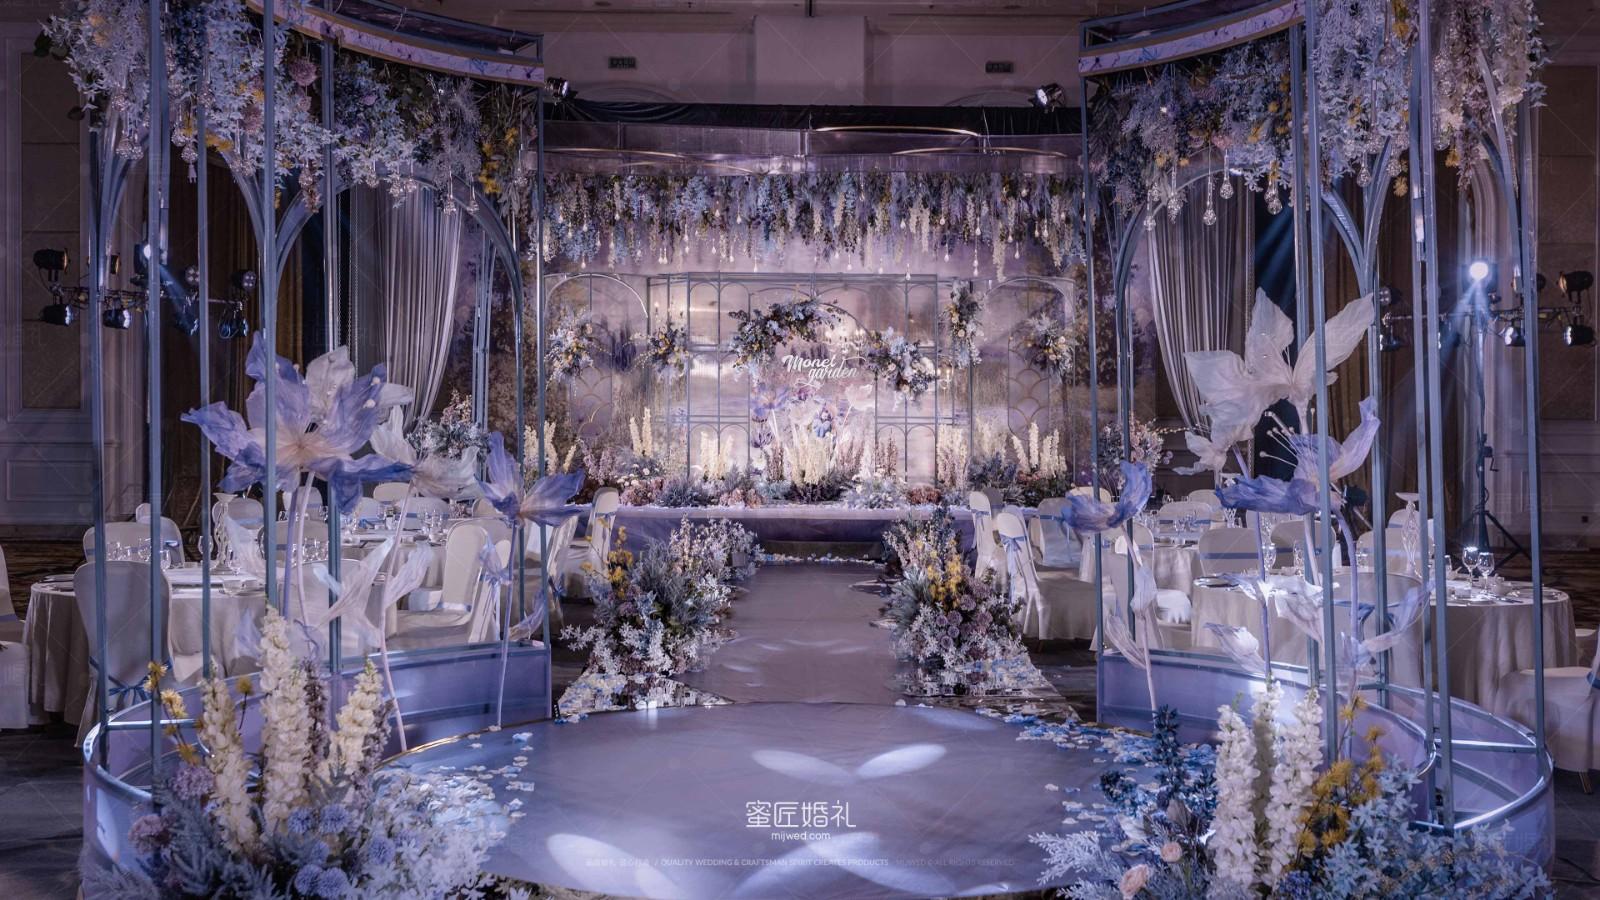 扬州结婚请婚庆公司大概多少钱 扬州结婚要多少钱